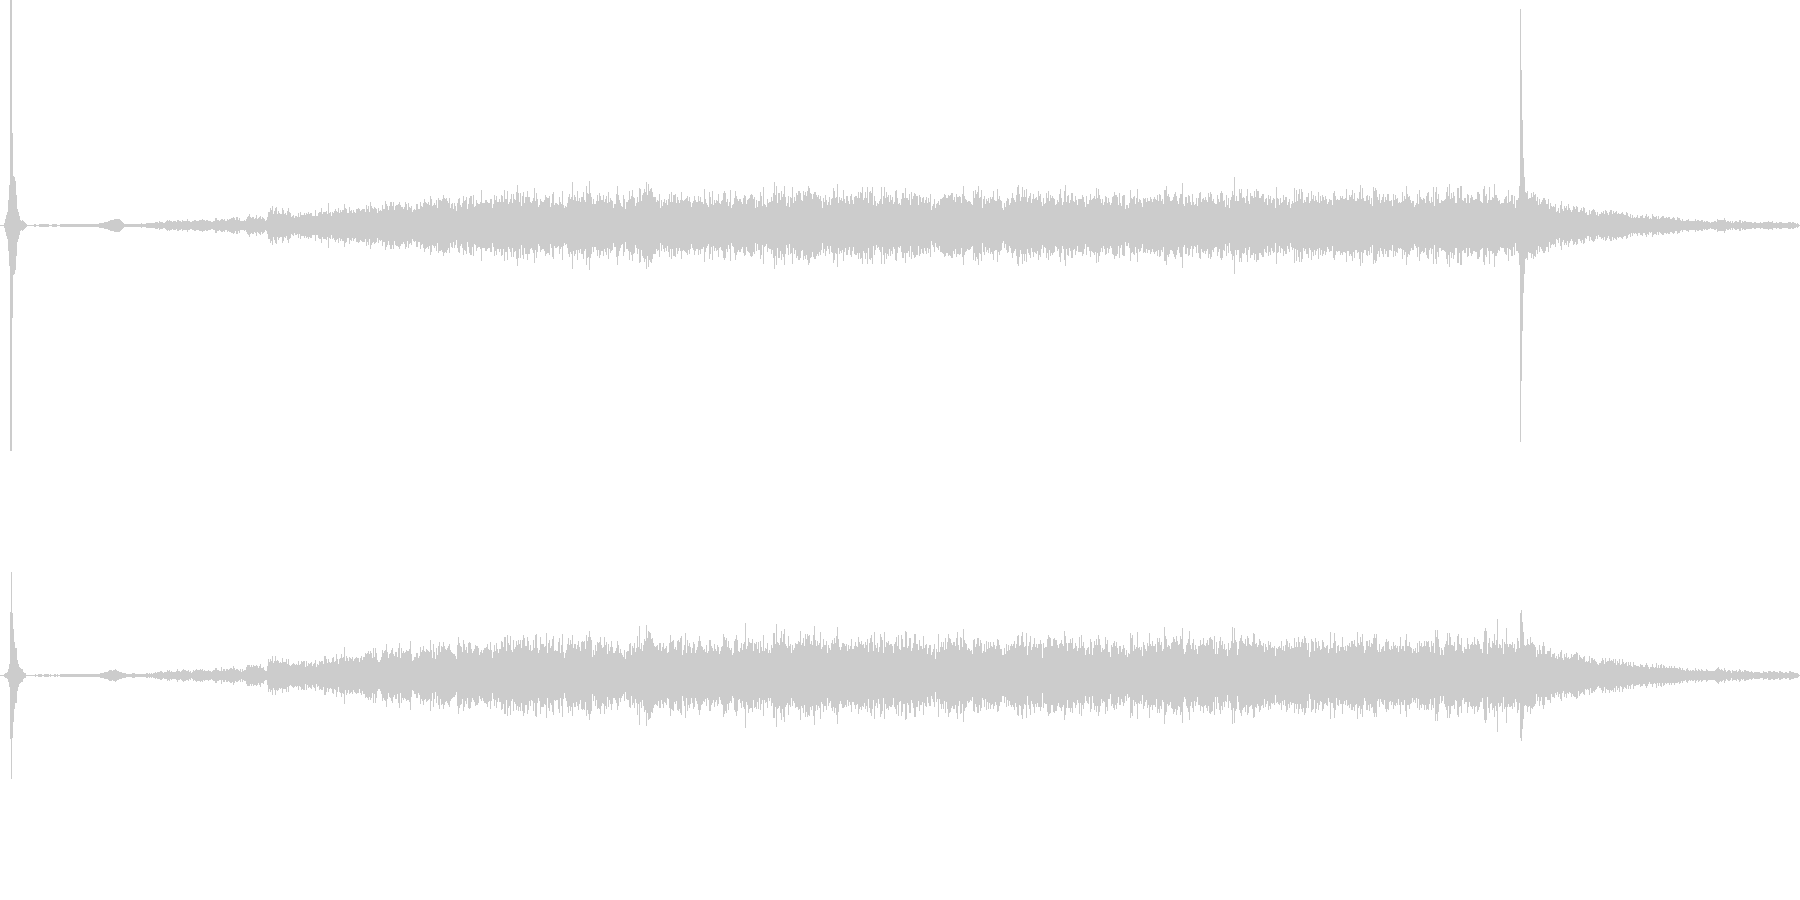 換気扇の音の未再生の波形